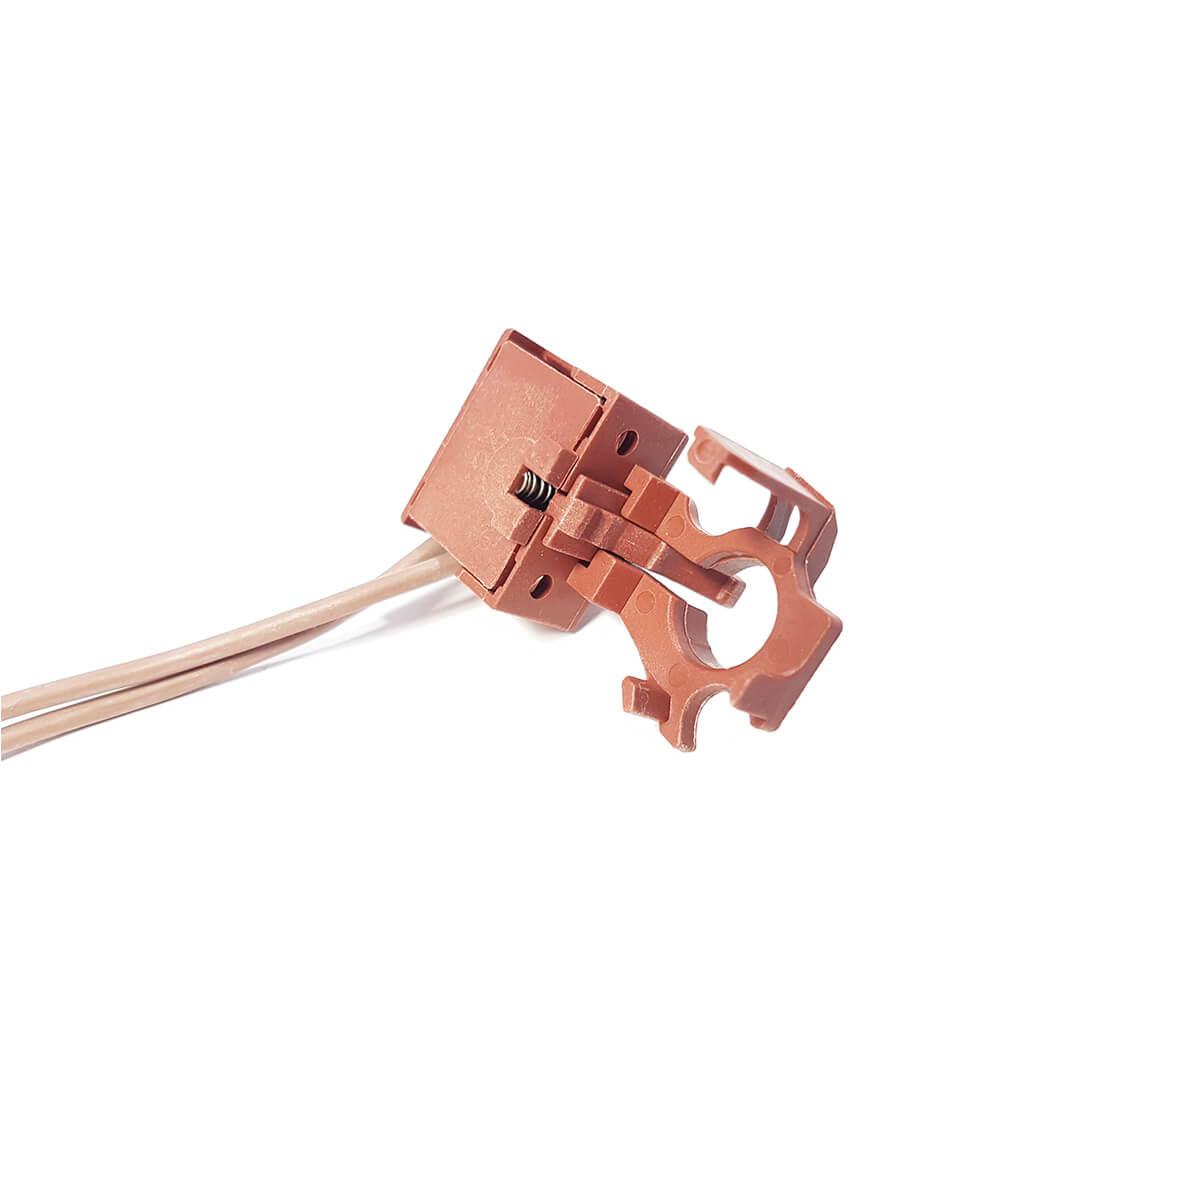 Interruptor Elétrico 250V Para Cooktop GC75V Electrolux - 305442602